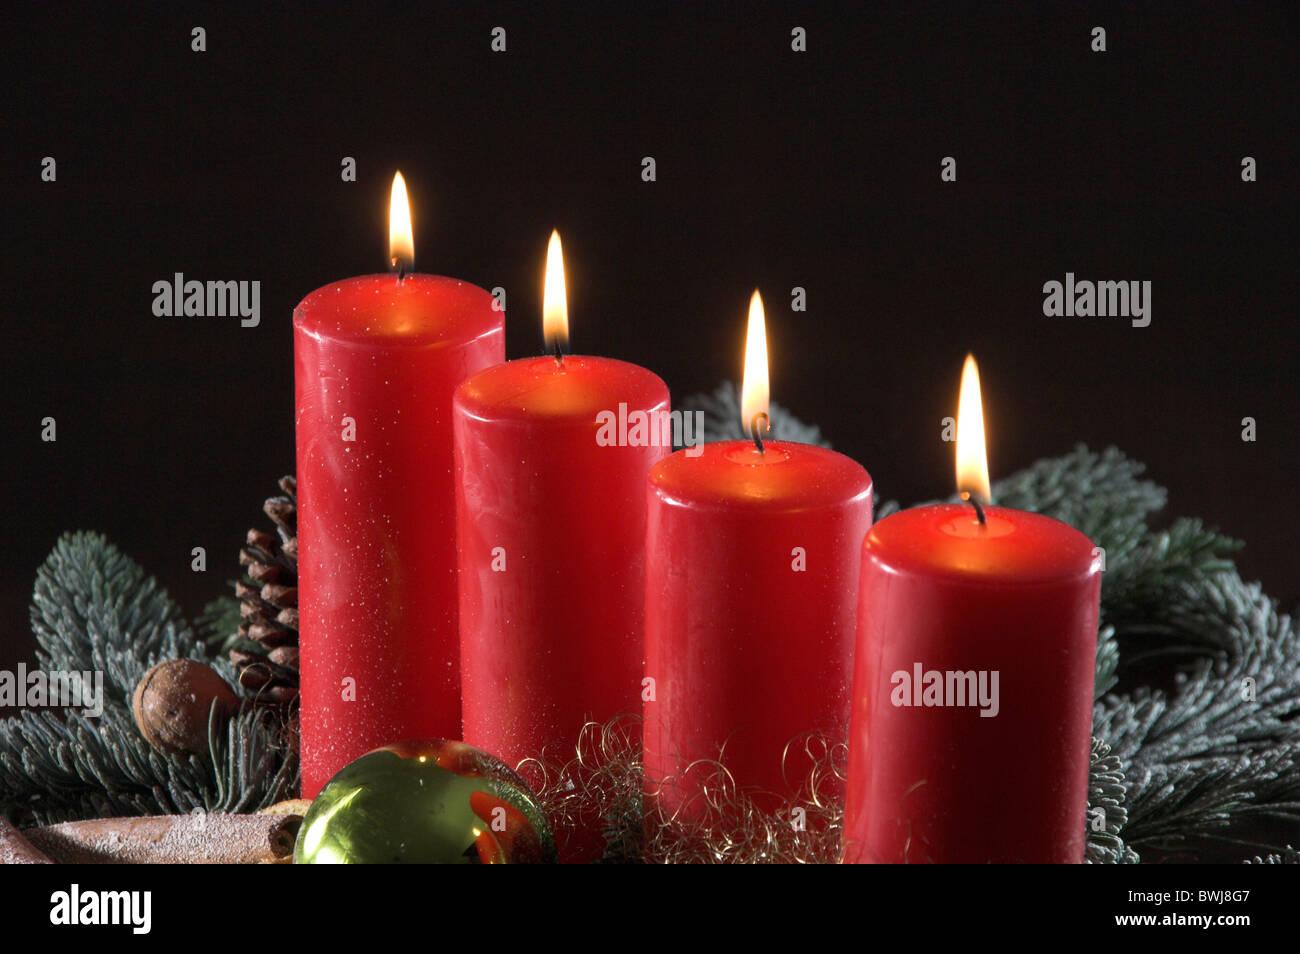 Advent kranz vierten advent kerzen dekoration schmuck - Dekoration advent ...